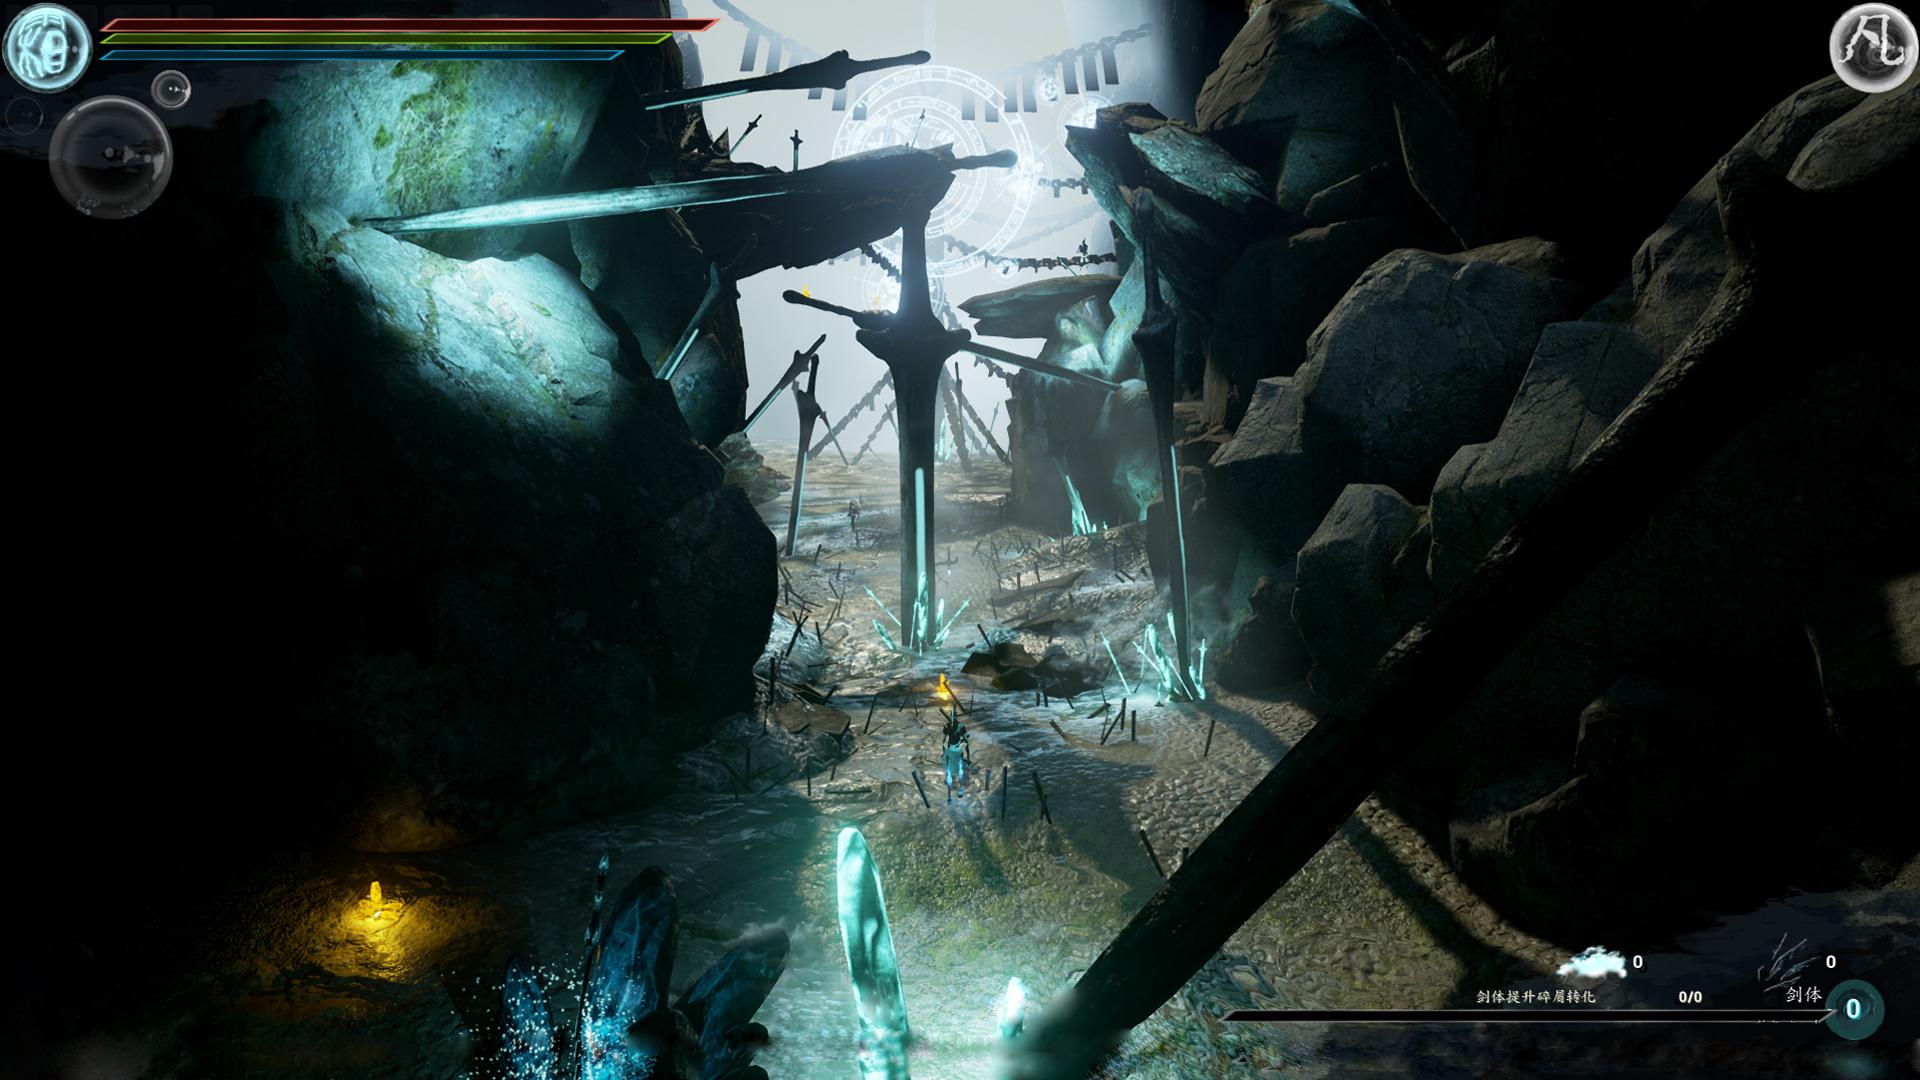 仙侠动作游戏《剑魄》开启试玩  9月23日正式上线